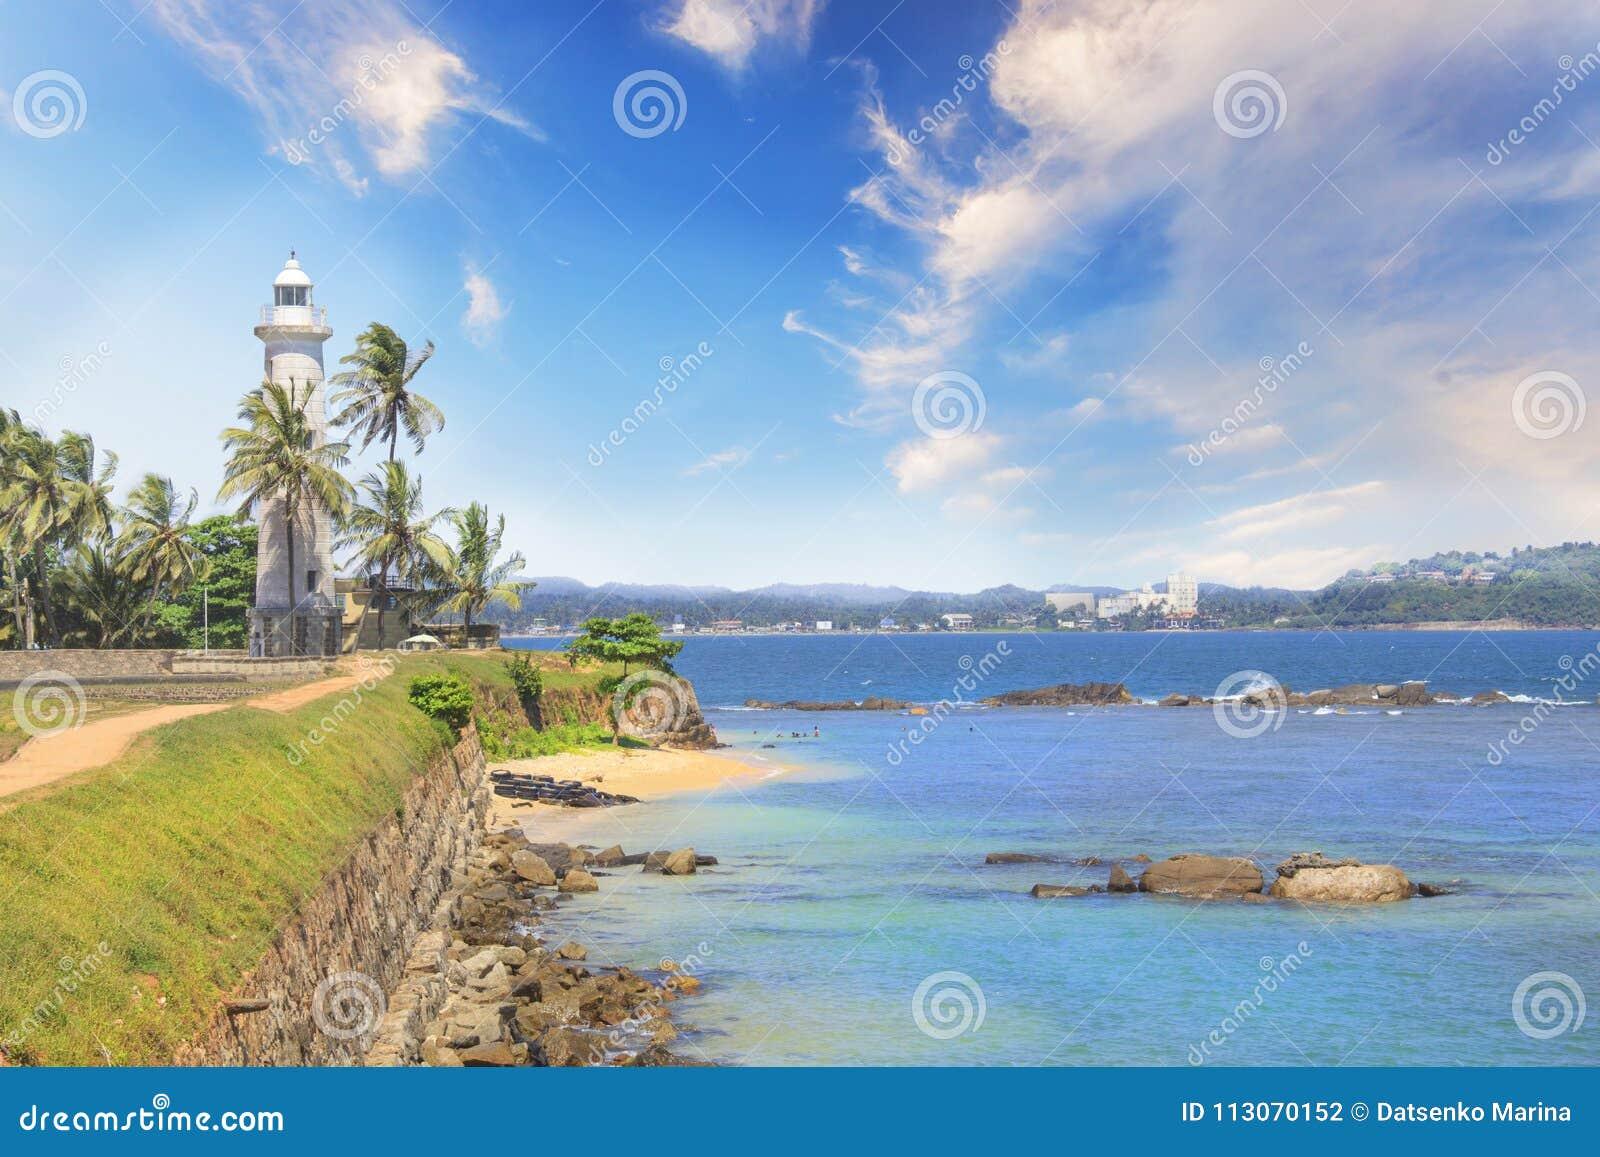 Bella vista del faro famoso a Galle forte, Sri Lanka, un giorno soleggiato